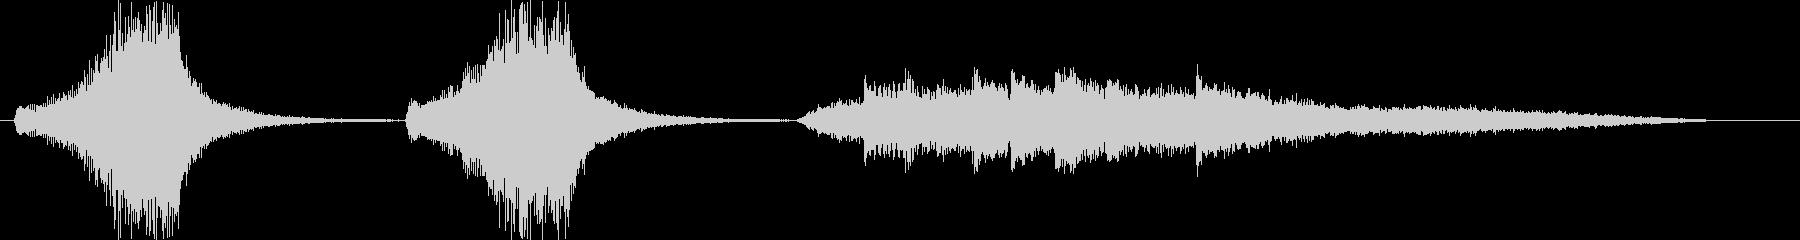 押し迫るようなピアノシンセの未再生の波形